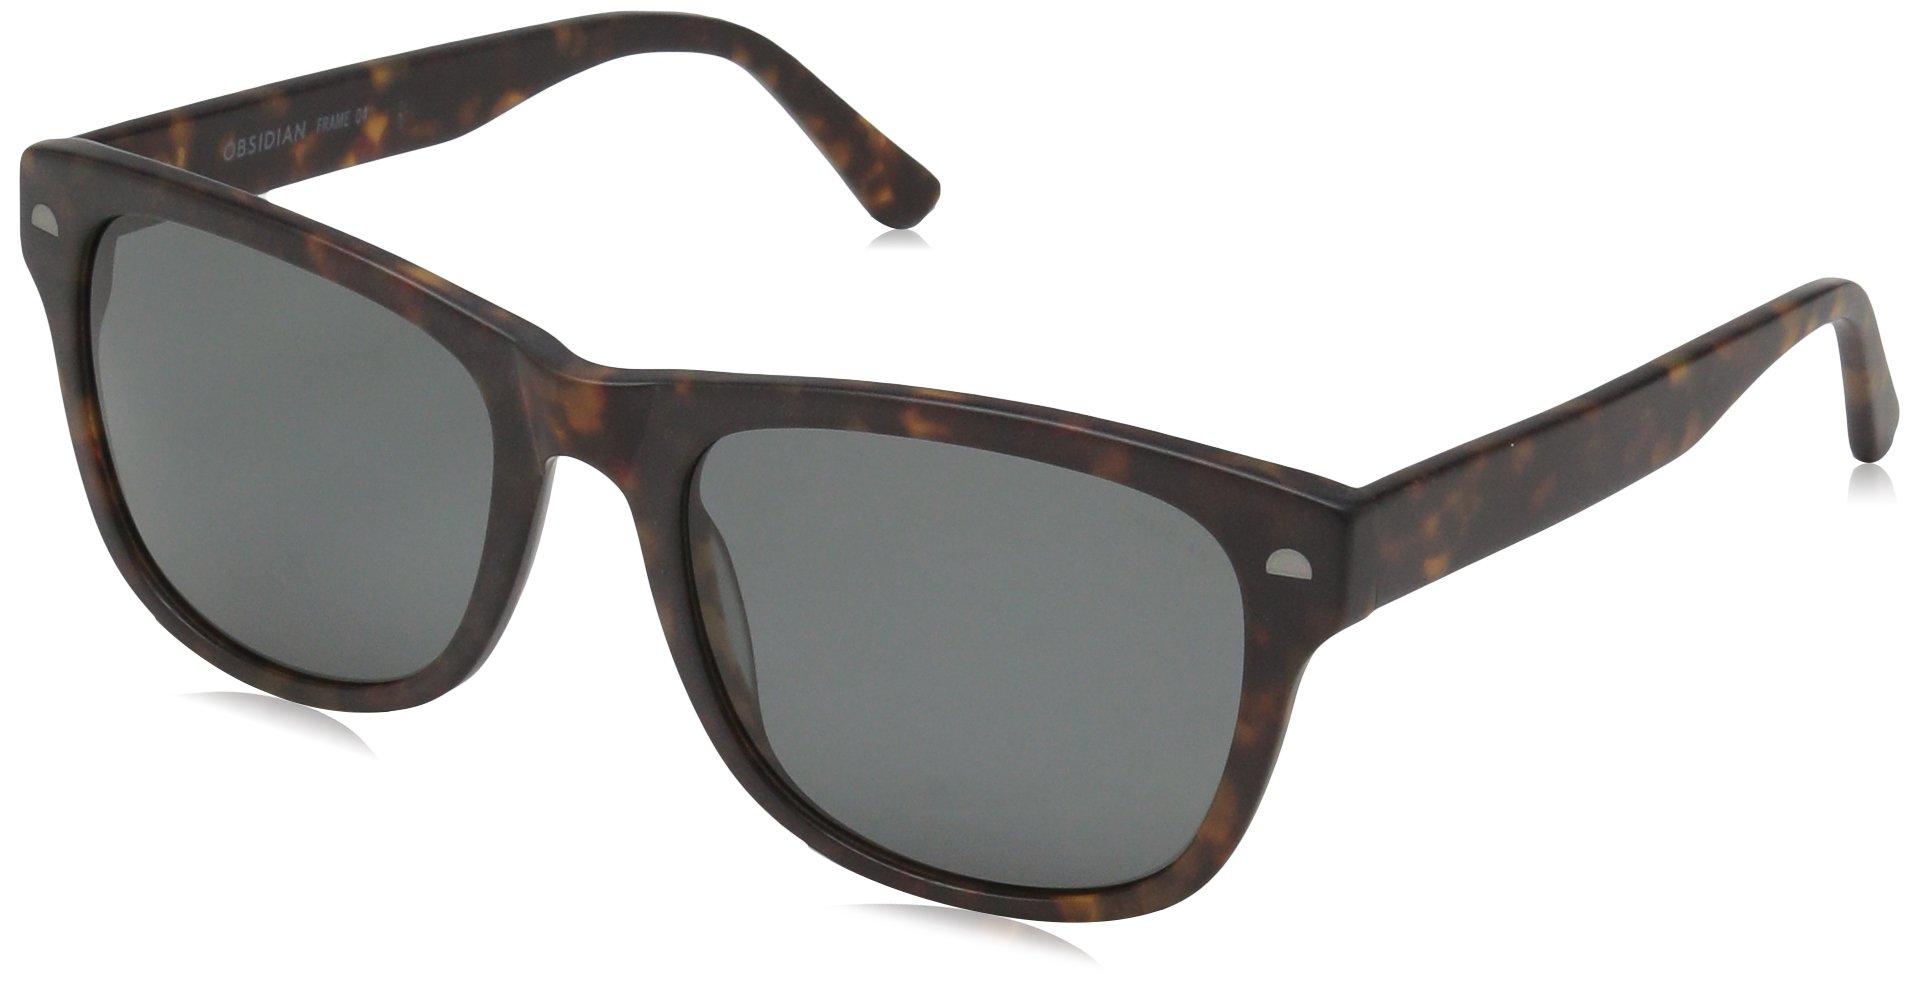 Obsidian Sunglasses for Women or Men Polarized Square Frame 04, Matte Tortoise, 54 mm